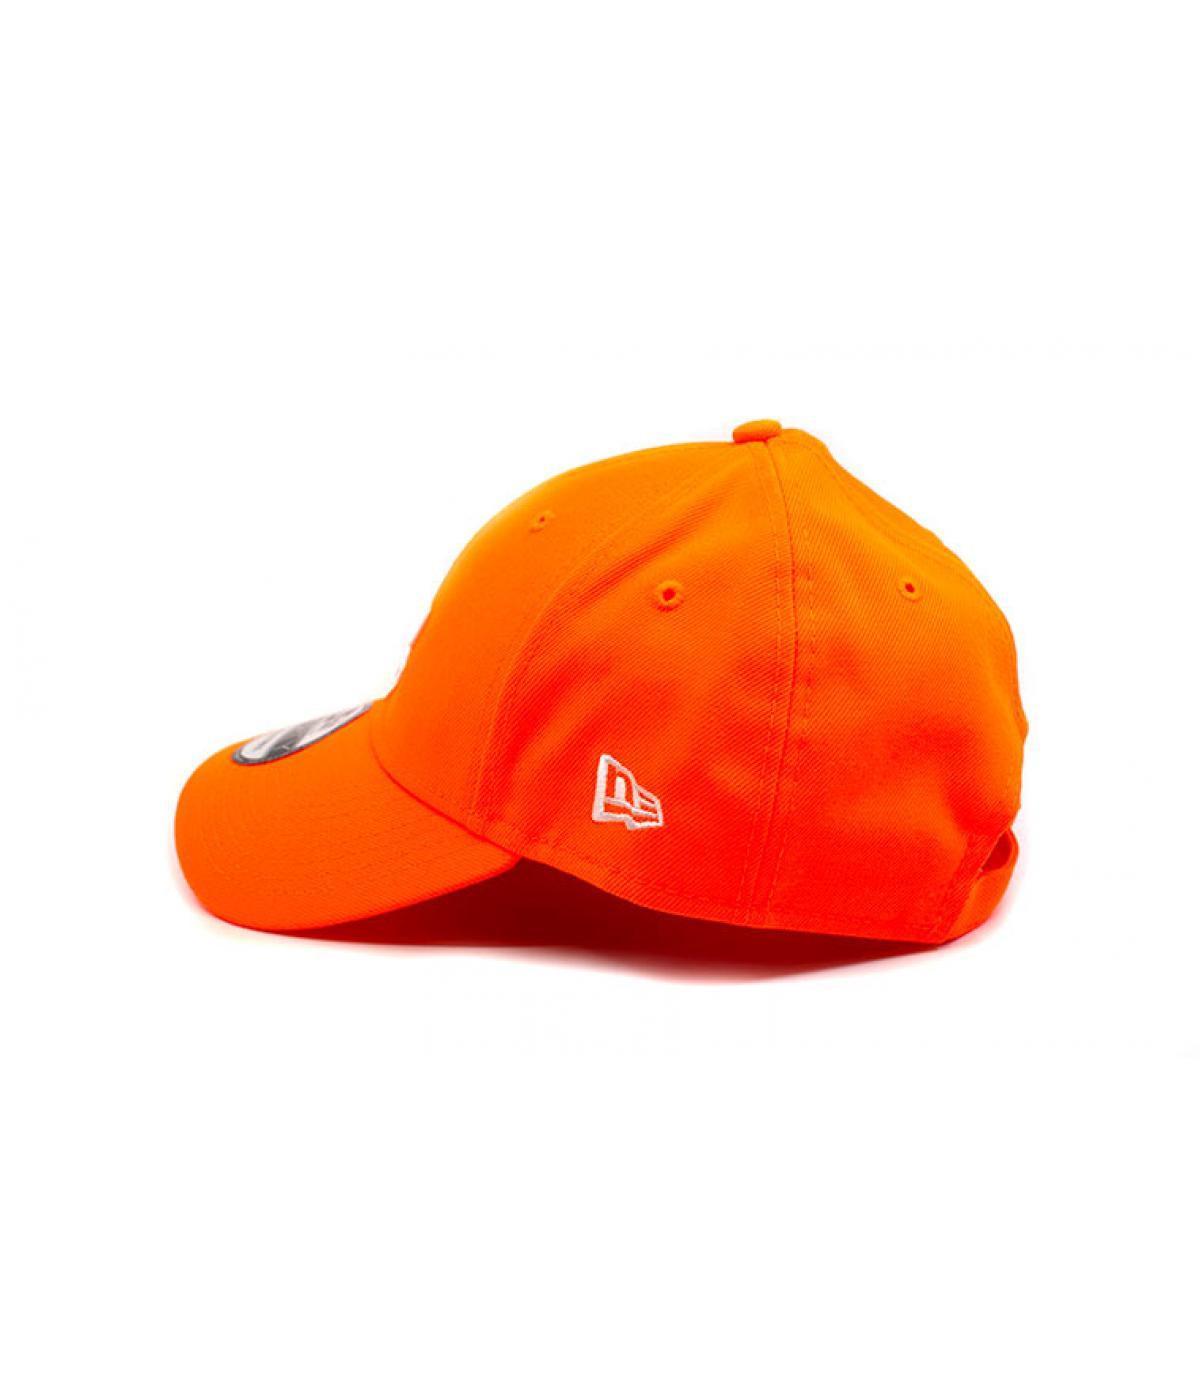 Détails Casquette Neon LA League Ess 940 orange white - image 4